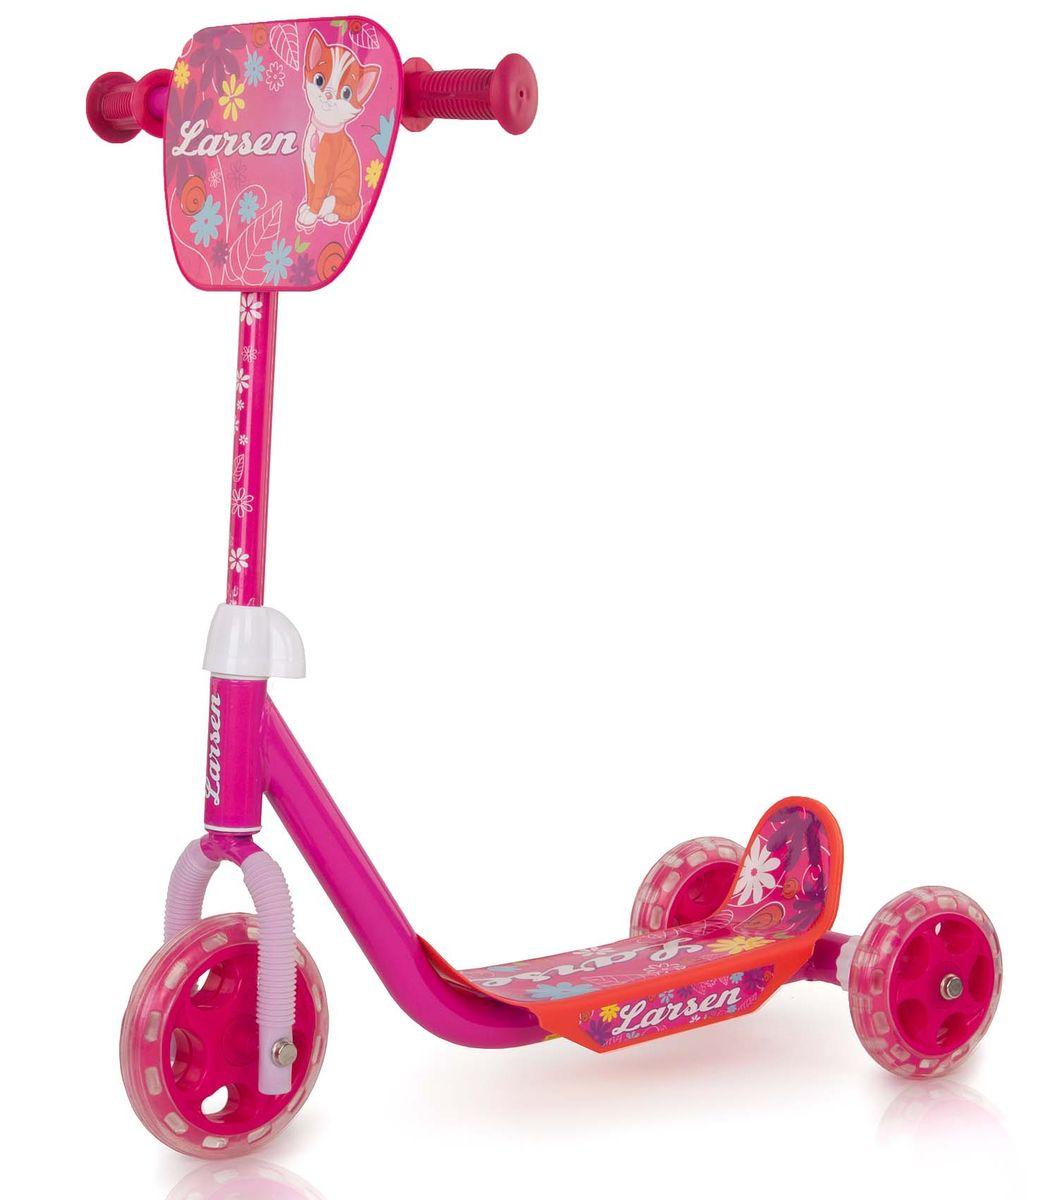 Самокат Larsen Girl, цвет: розовый. GS-002A-RB245716Модель оснащена трехколесным шасси, что гарантирует отличную устойчивость при катании. Руль самоката снабжен удобными рукоятками с ограничителями, не позволяющим ладошкам соскользнуть и потерять управление.